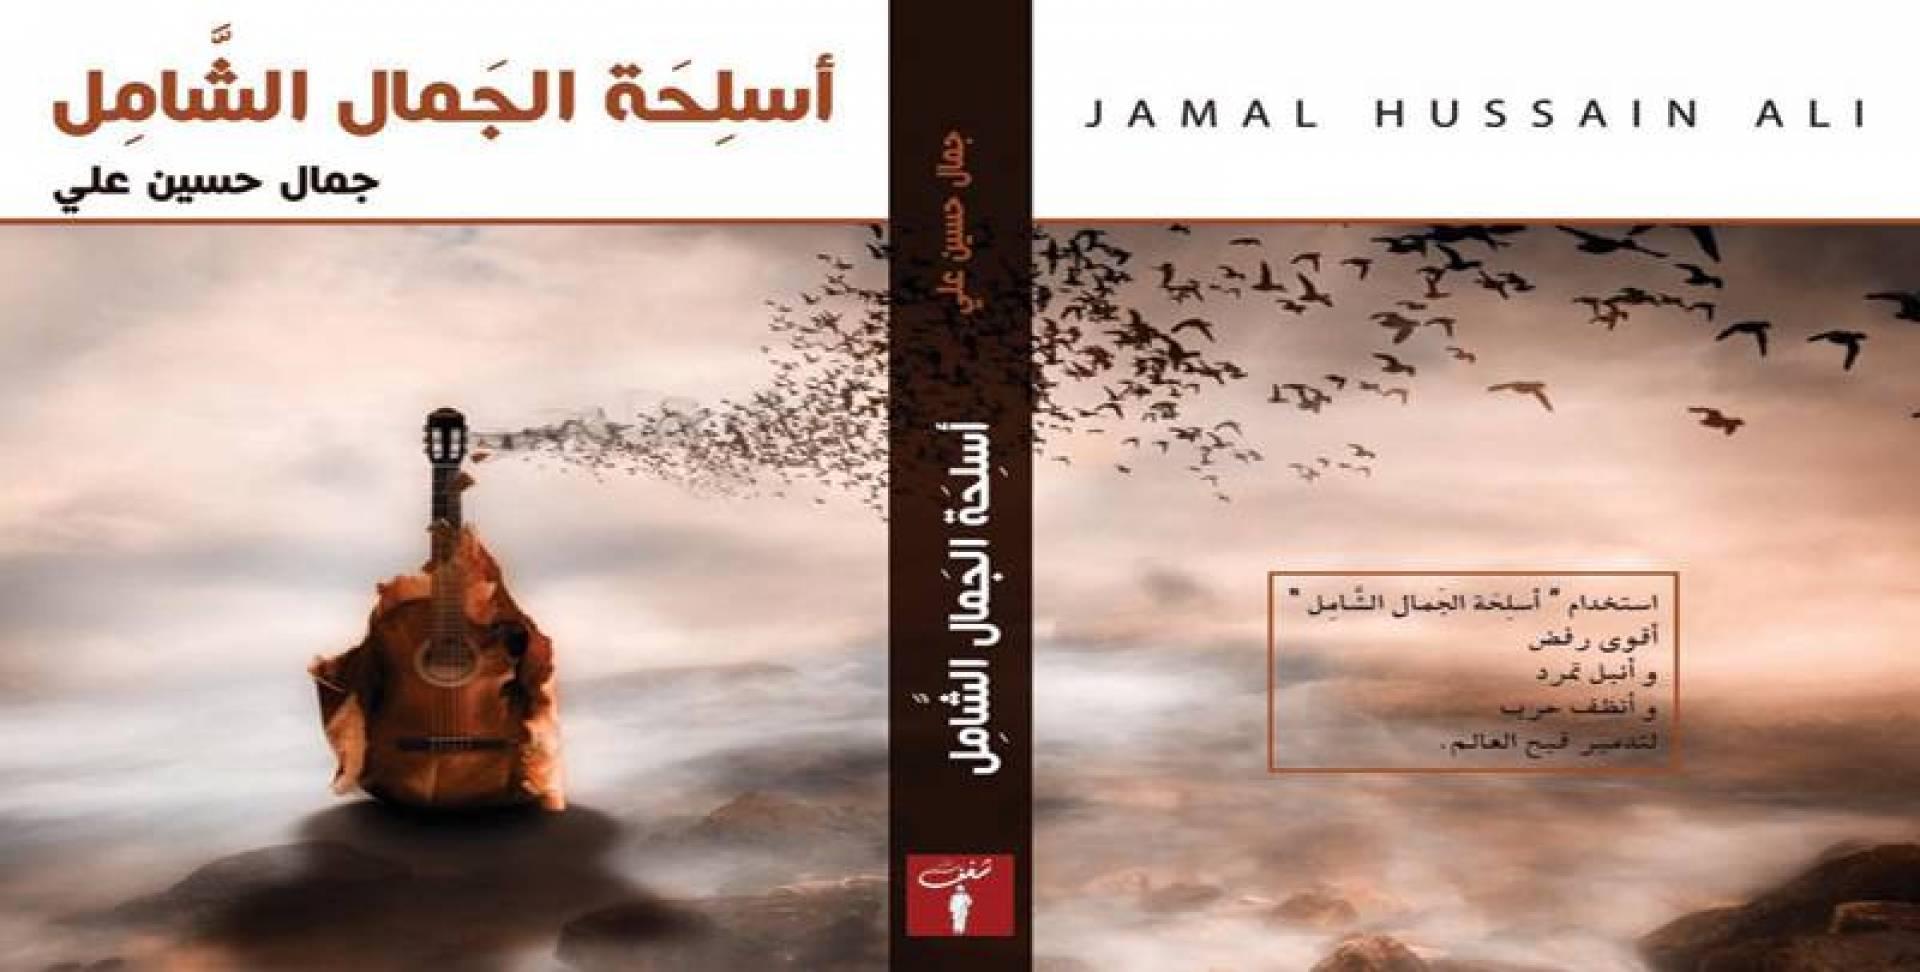 أسلحة جمال حسين علي